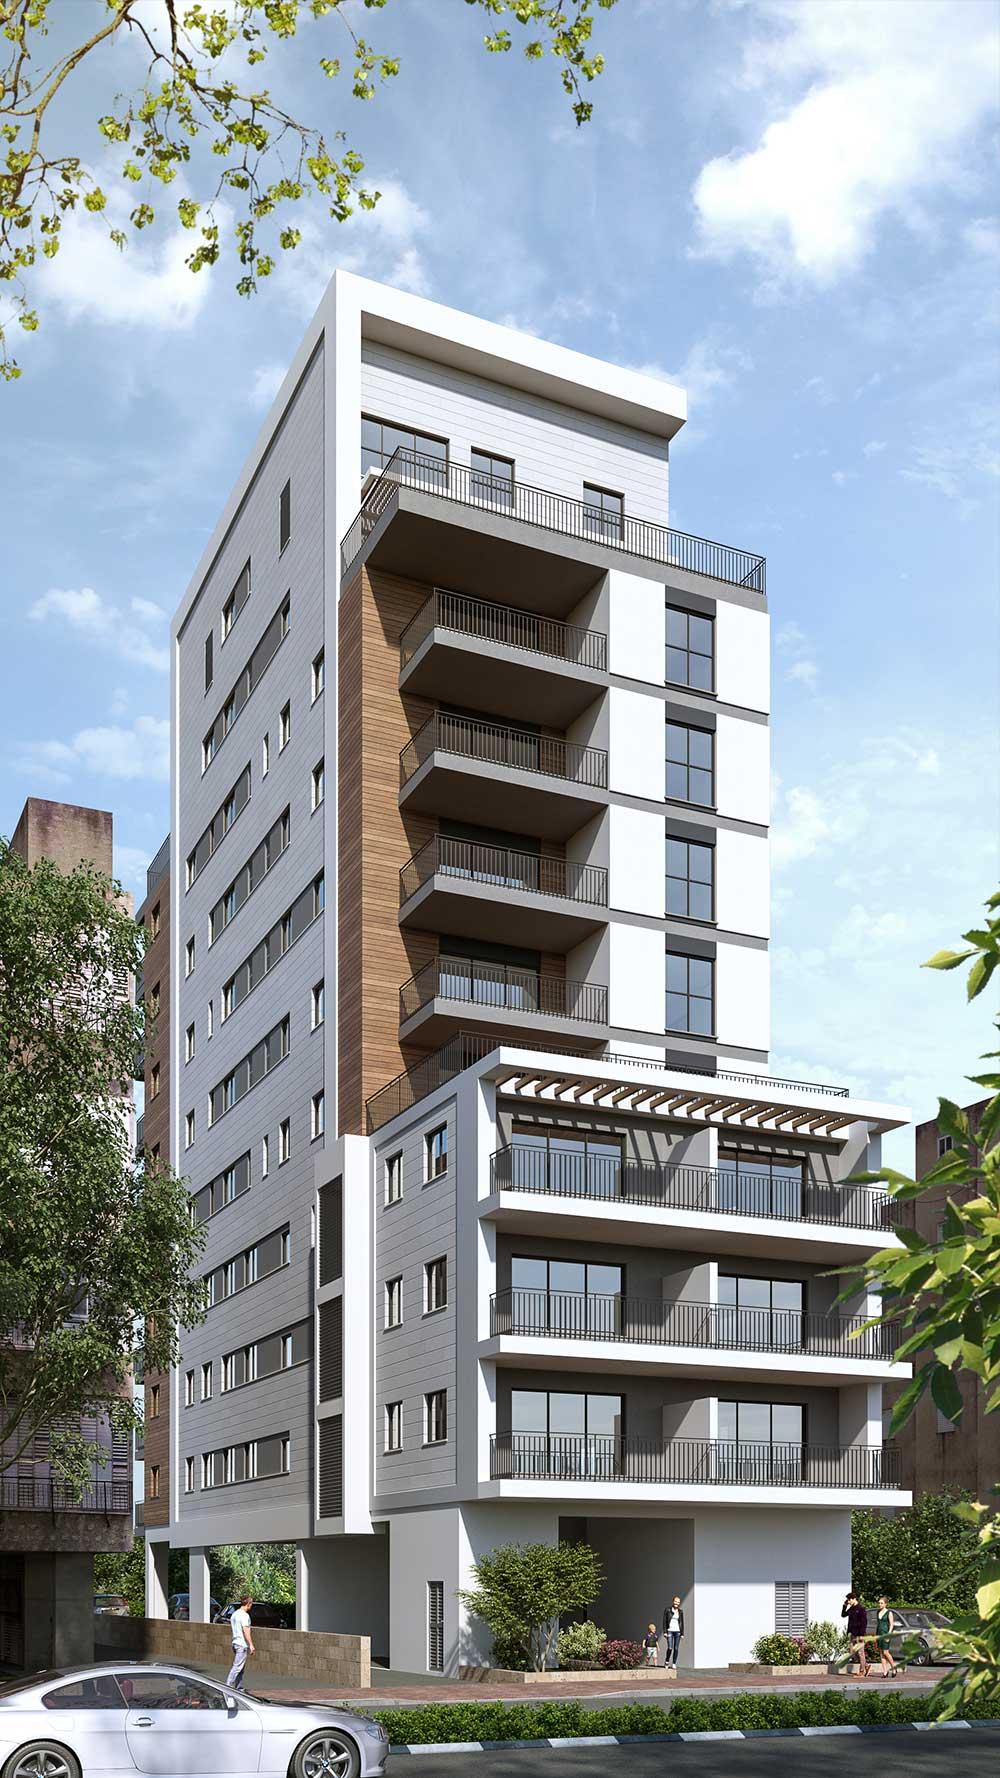 פרויקט סלנט 26 של קטה יזמות בניה והשקעות בו ייהרס מבנה ישן בן 6 דירות ובמקומו ייבנה בניין בוטיק אינטימי בן 21 דירות בסה״כ.